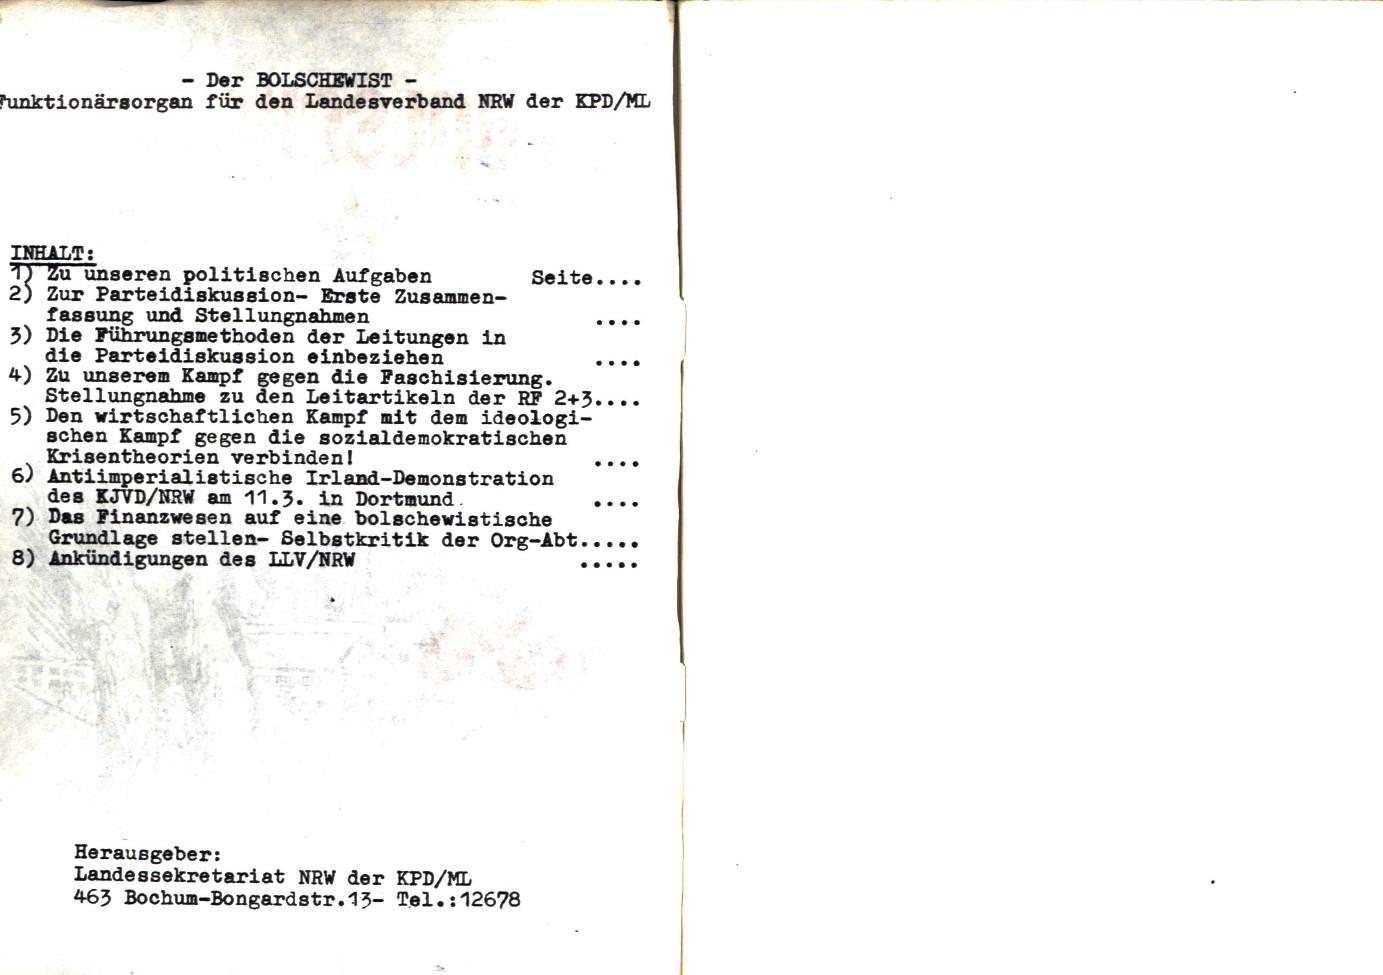 NRW_KPDML_Der_Bolschewist_1972_04_02